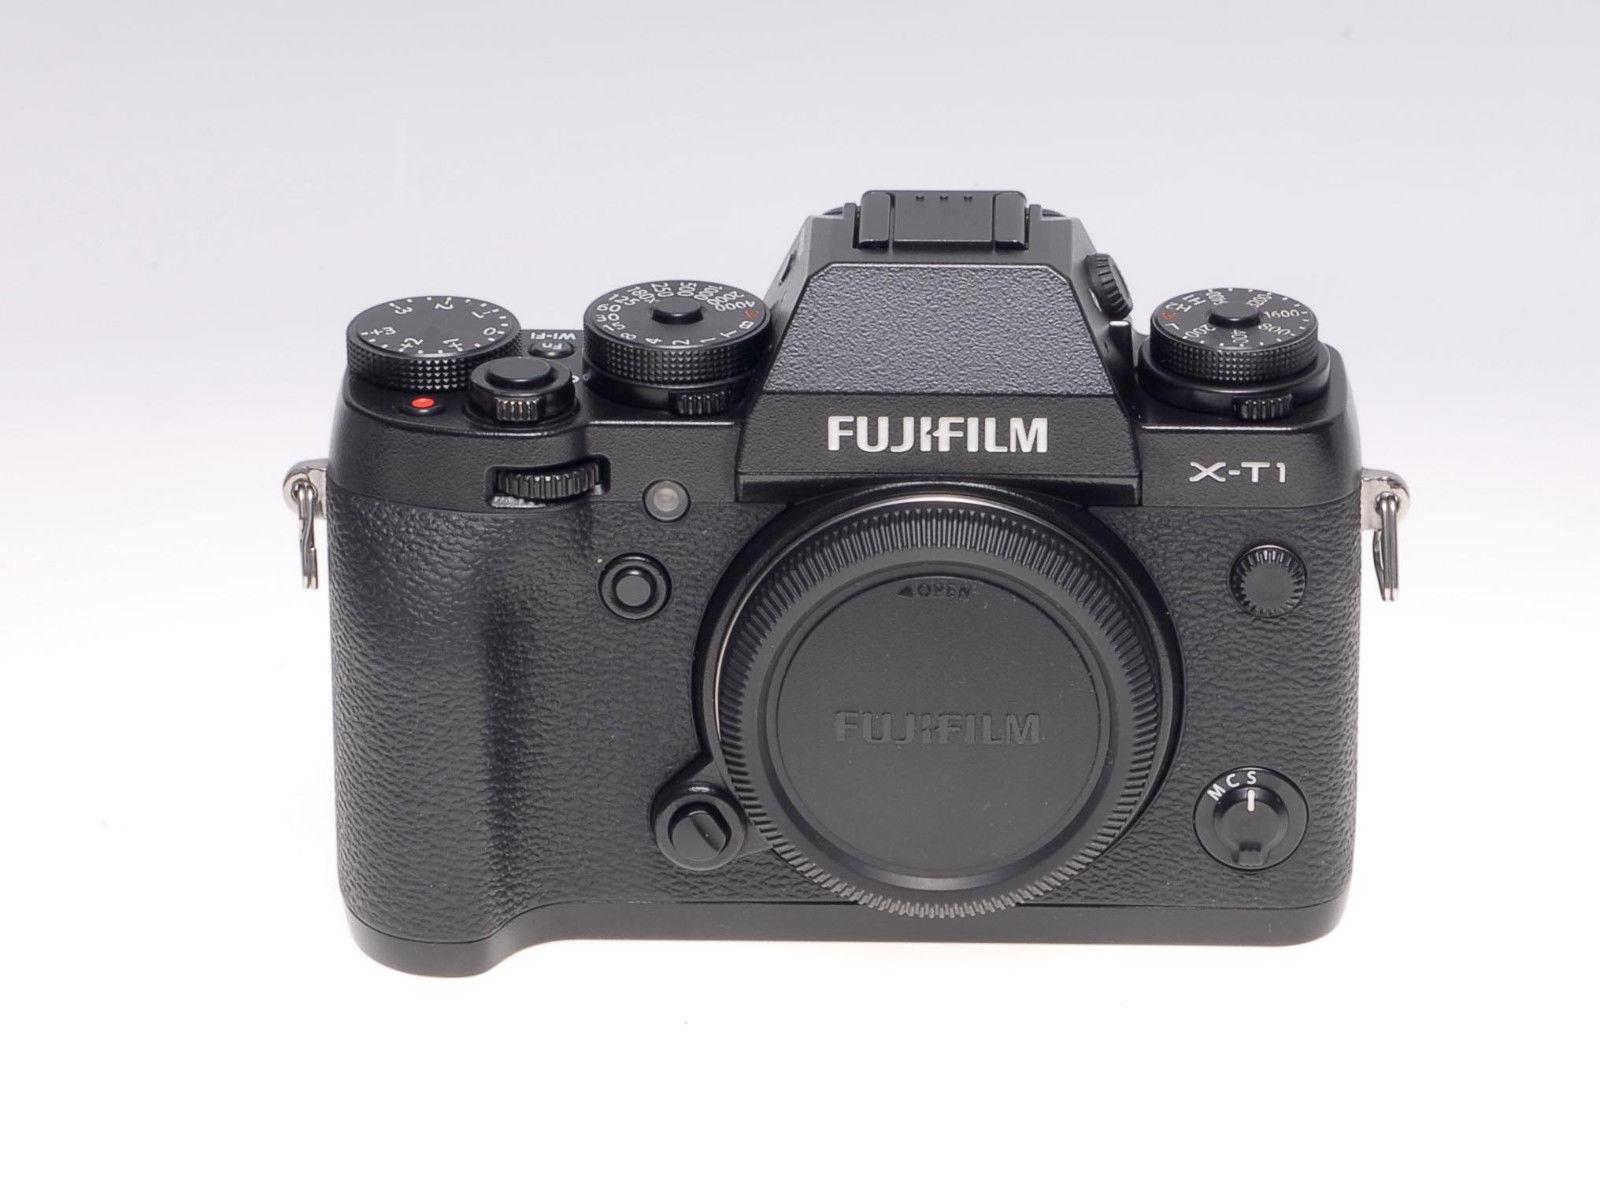 Fujifilm X series X-T1 Digitalkamera - Schwarz - Gehäuse mit Blitz - gebraucht